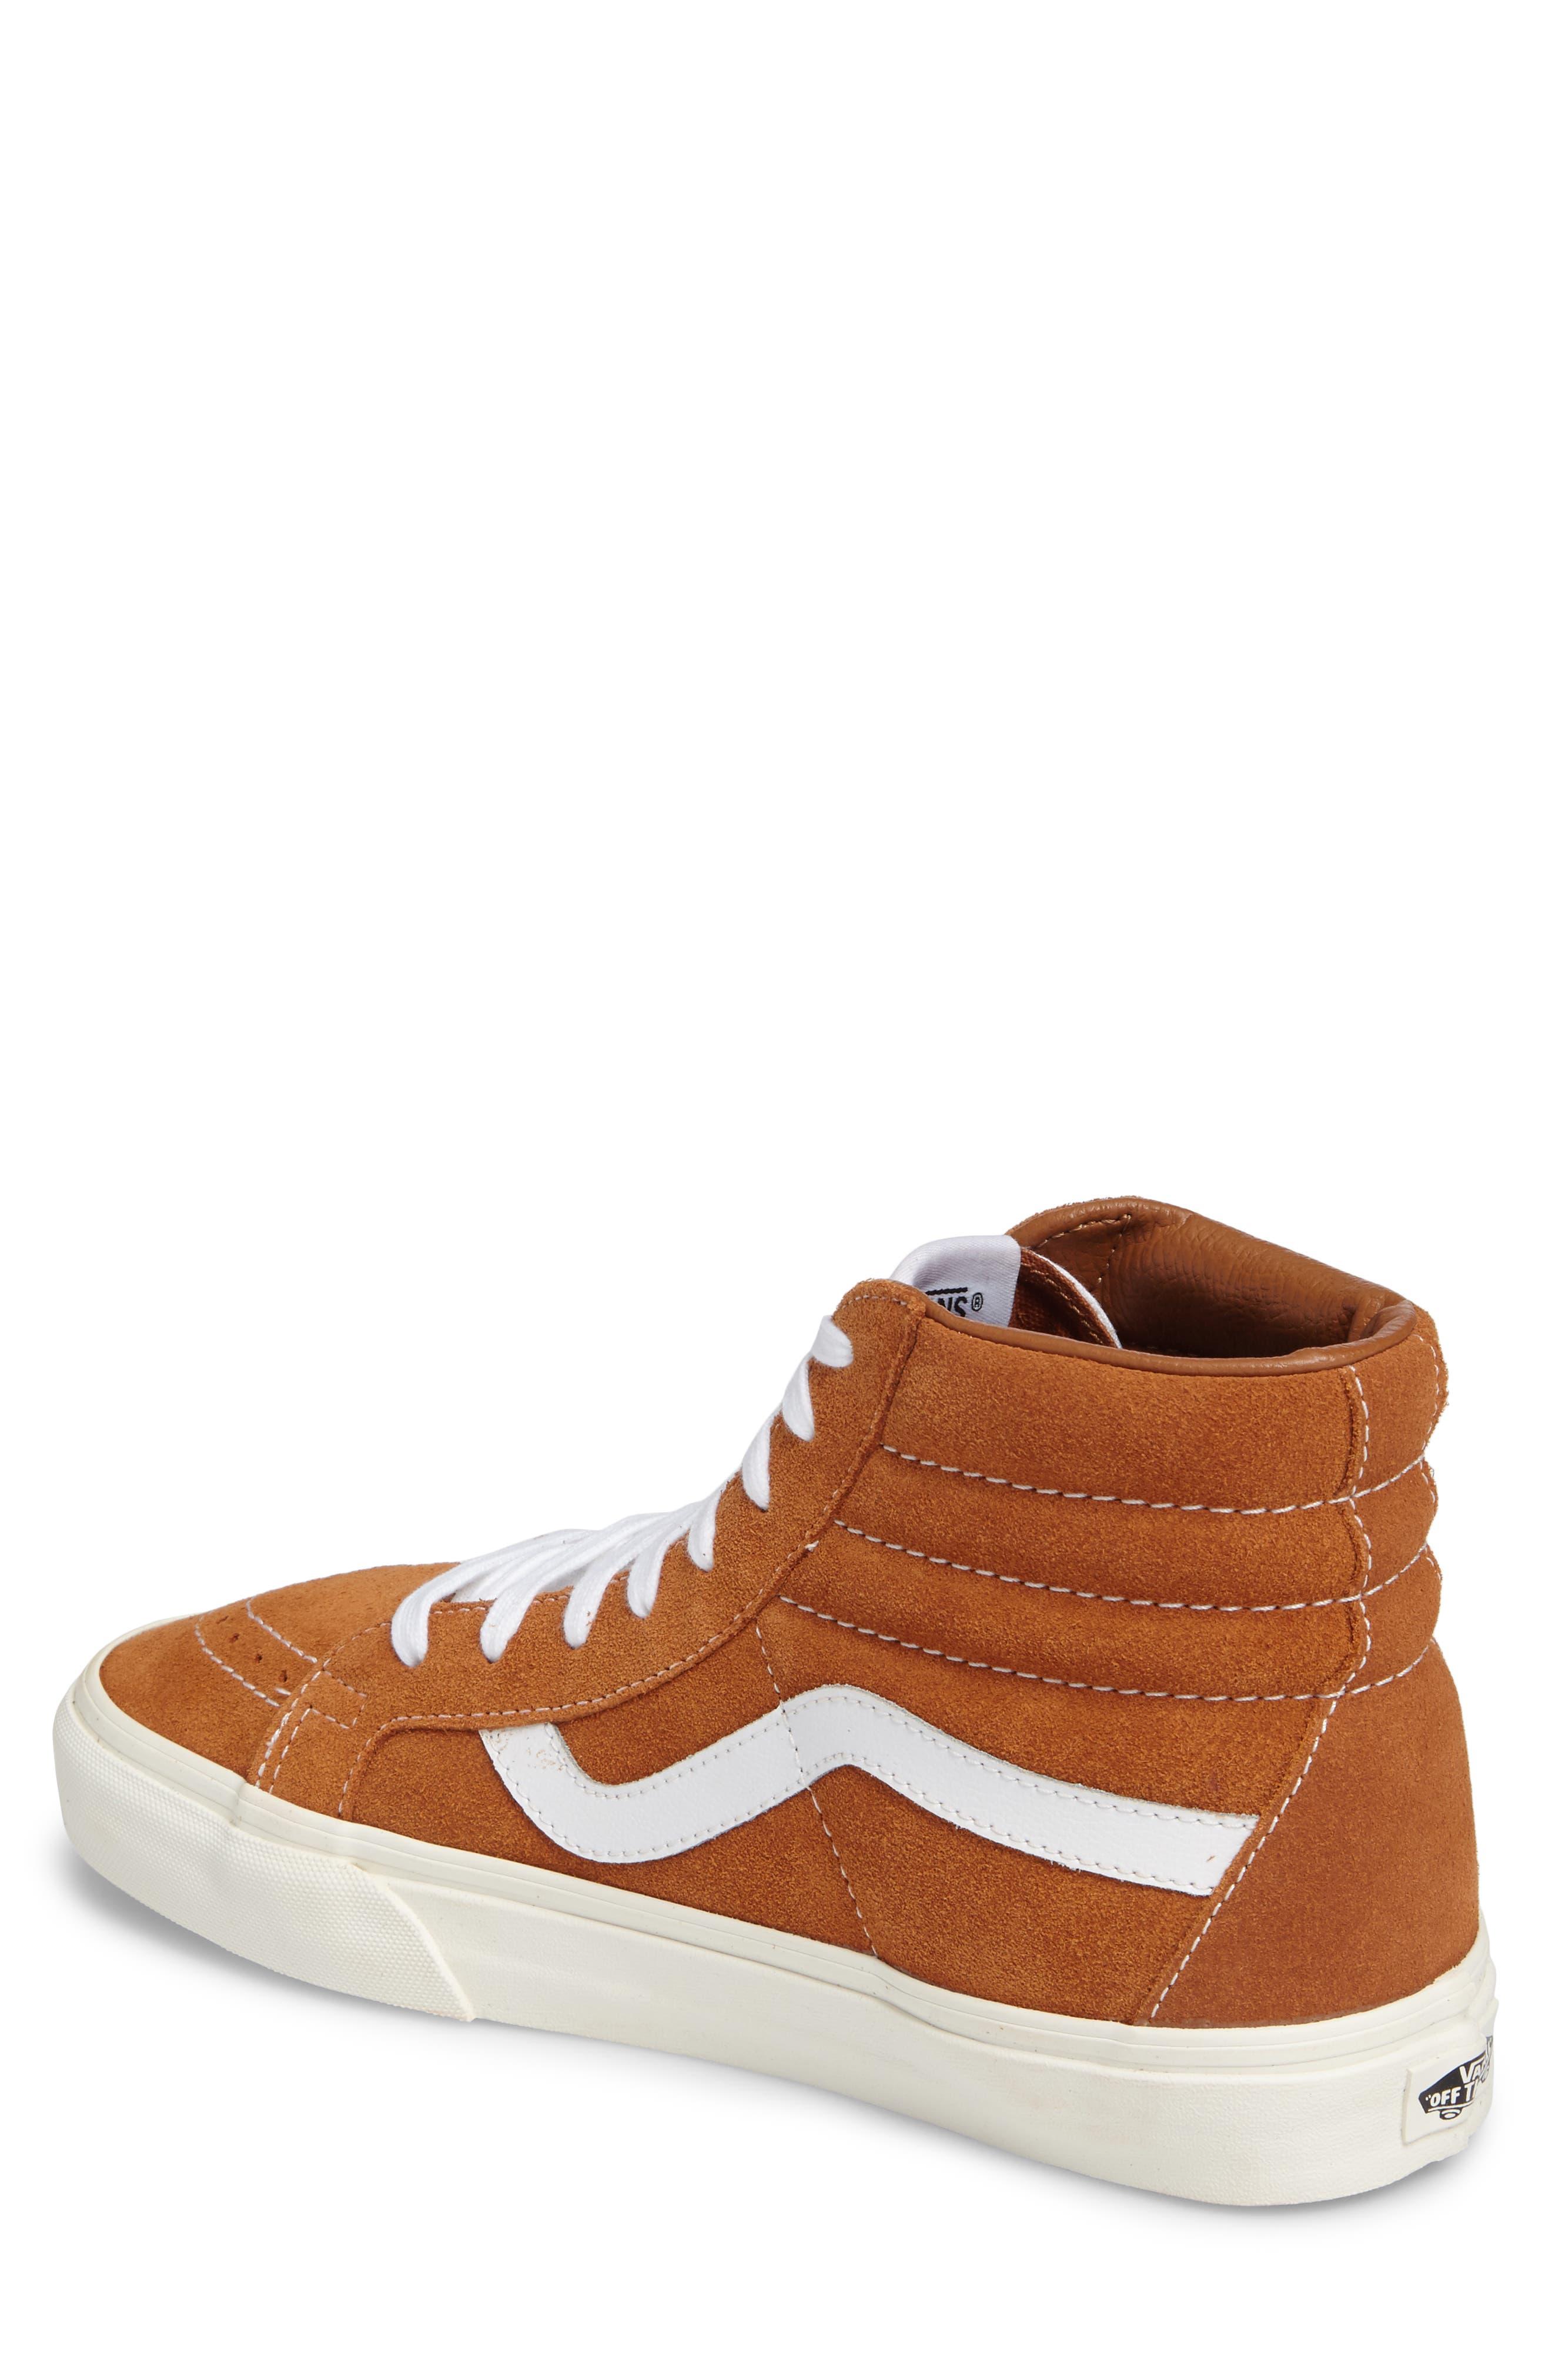 Sk8-Hi Reissue Sneaker,                             Alternate thumbnail 2, color,                             Glazed Ginger Suede